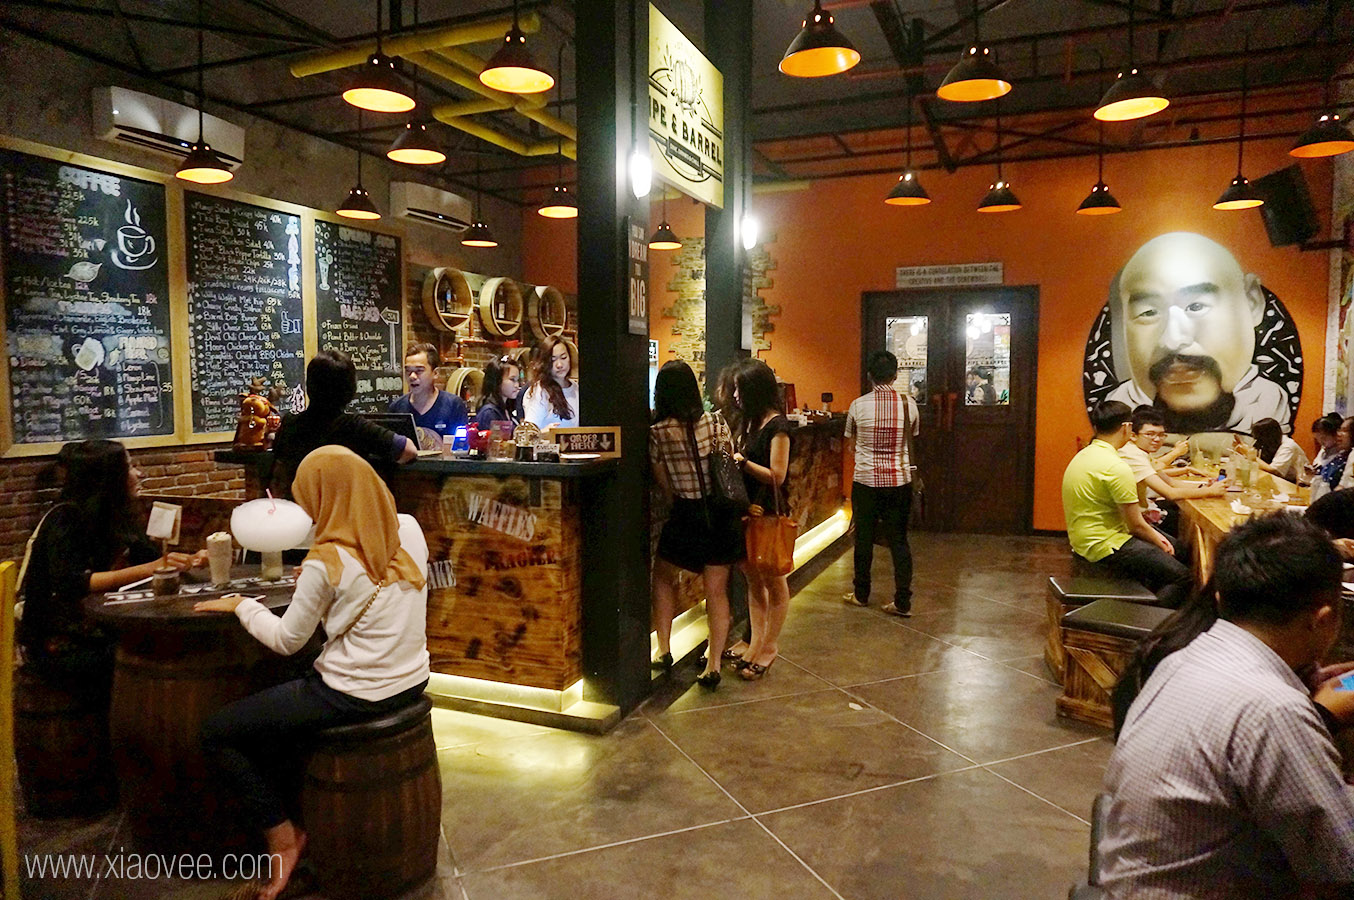 Restoran Pipe & Barrel (xiaovee.com)